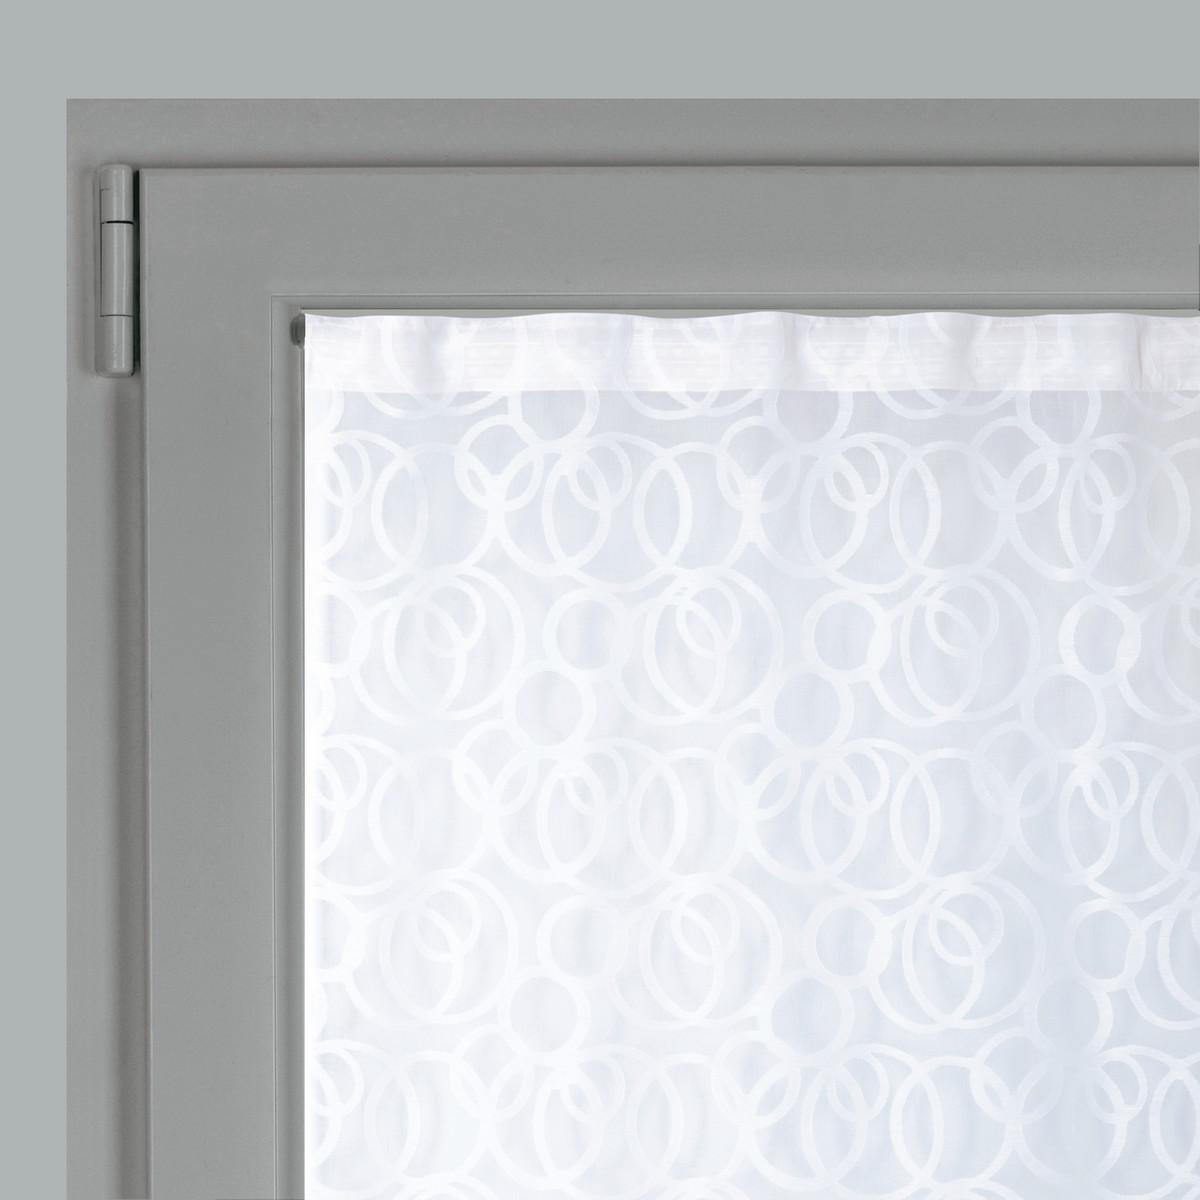 Porta scorrevole esterno muro for Vetro sintetico leroy merlin